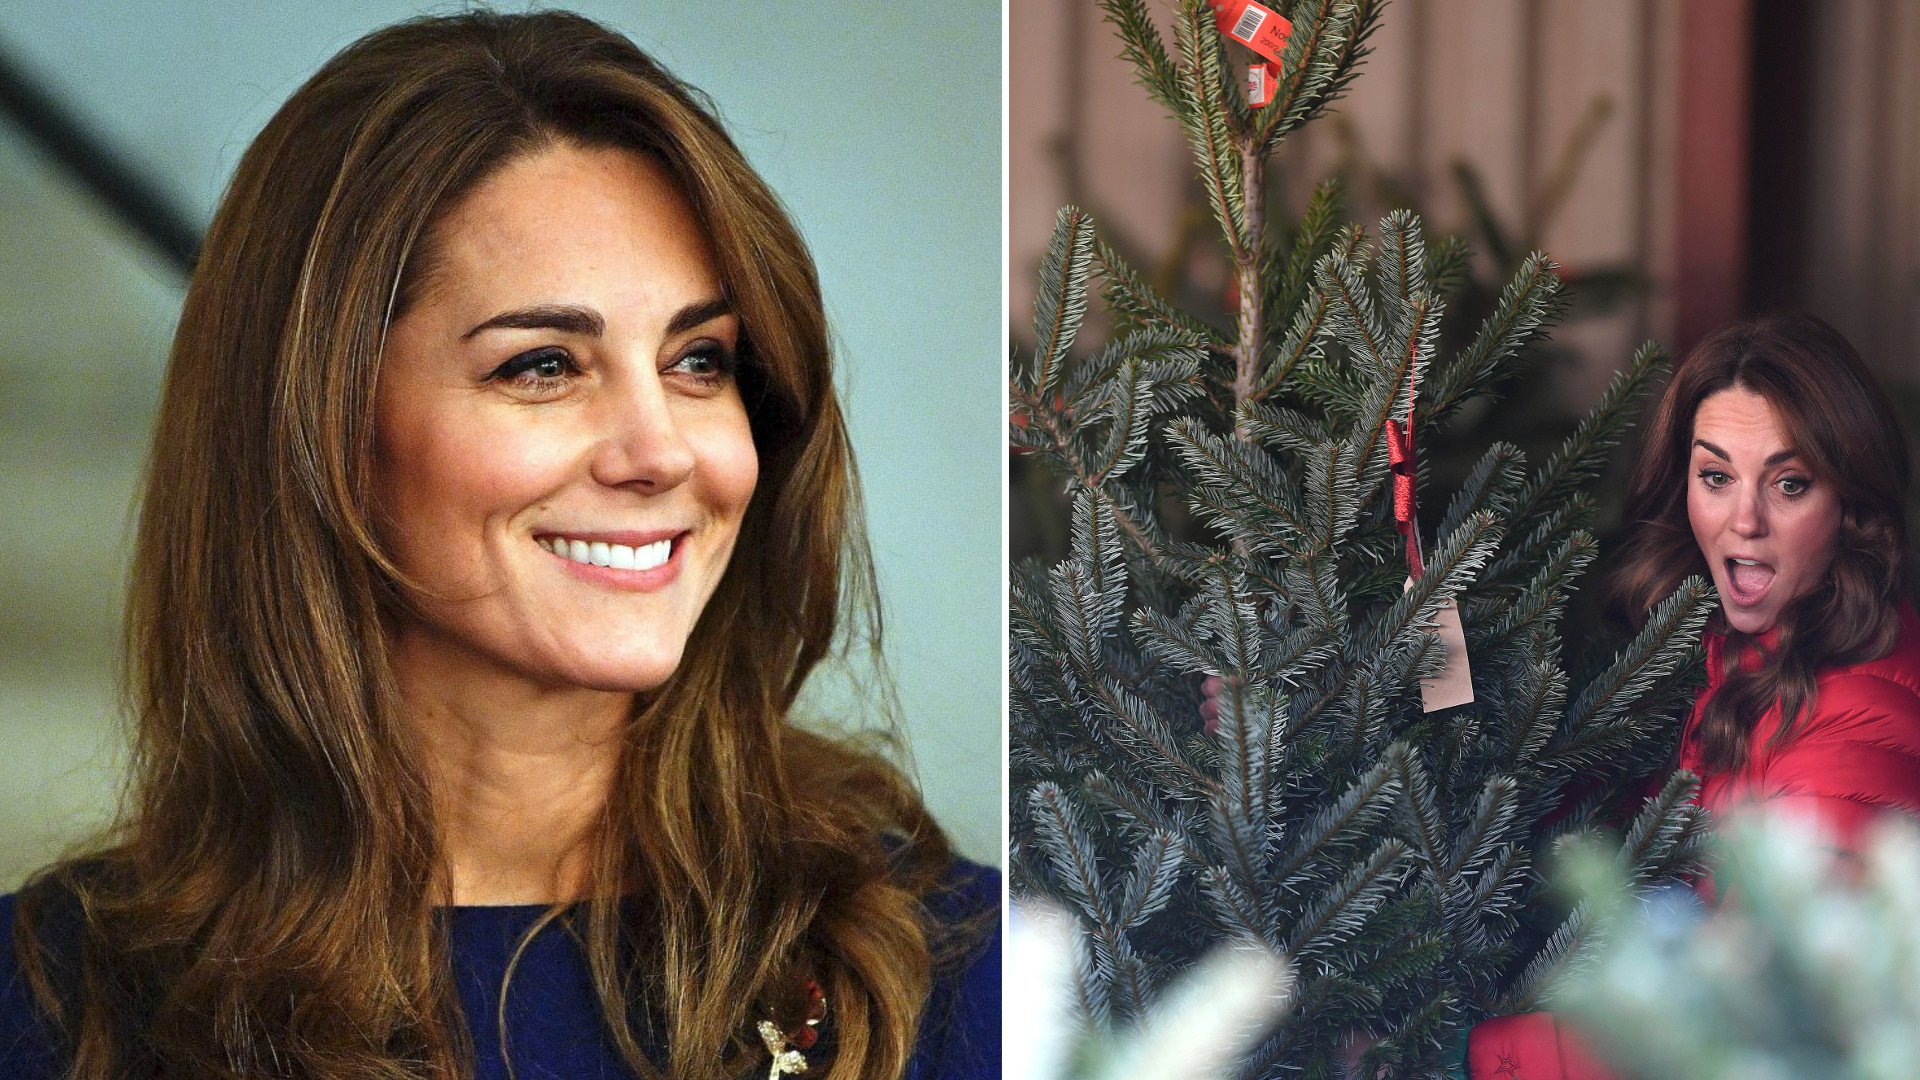 Księżna Kate robi urocze miny, podczas wybierania choinki. Zaskoczyła najmłodszych fanów (ZDJĘCIA)